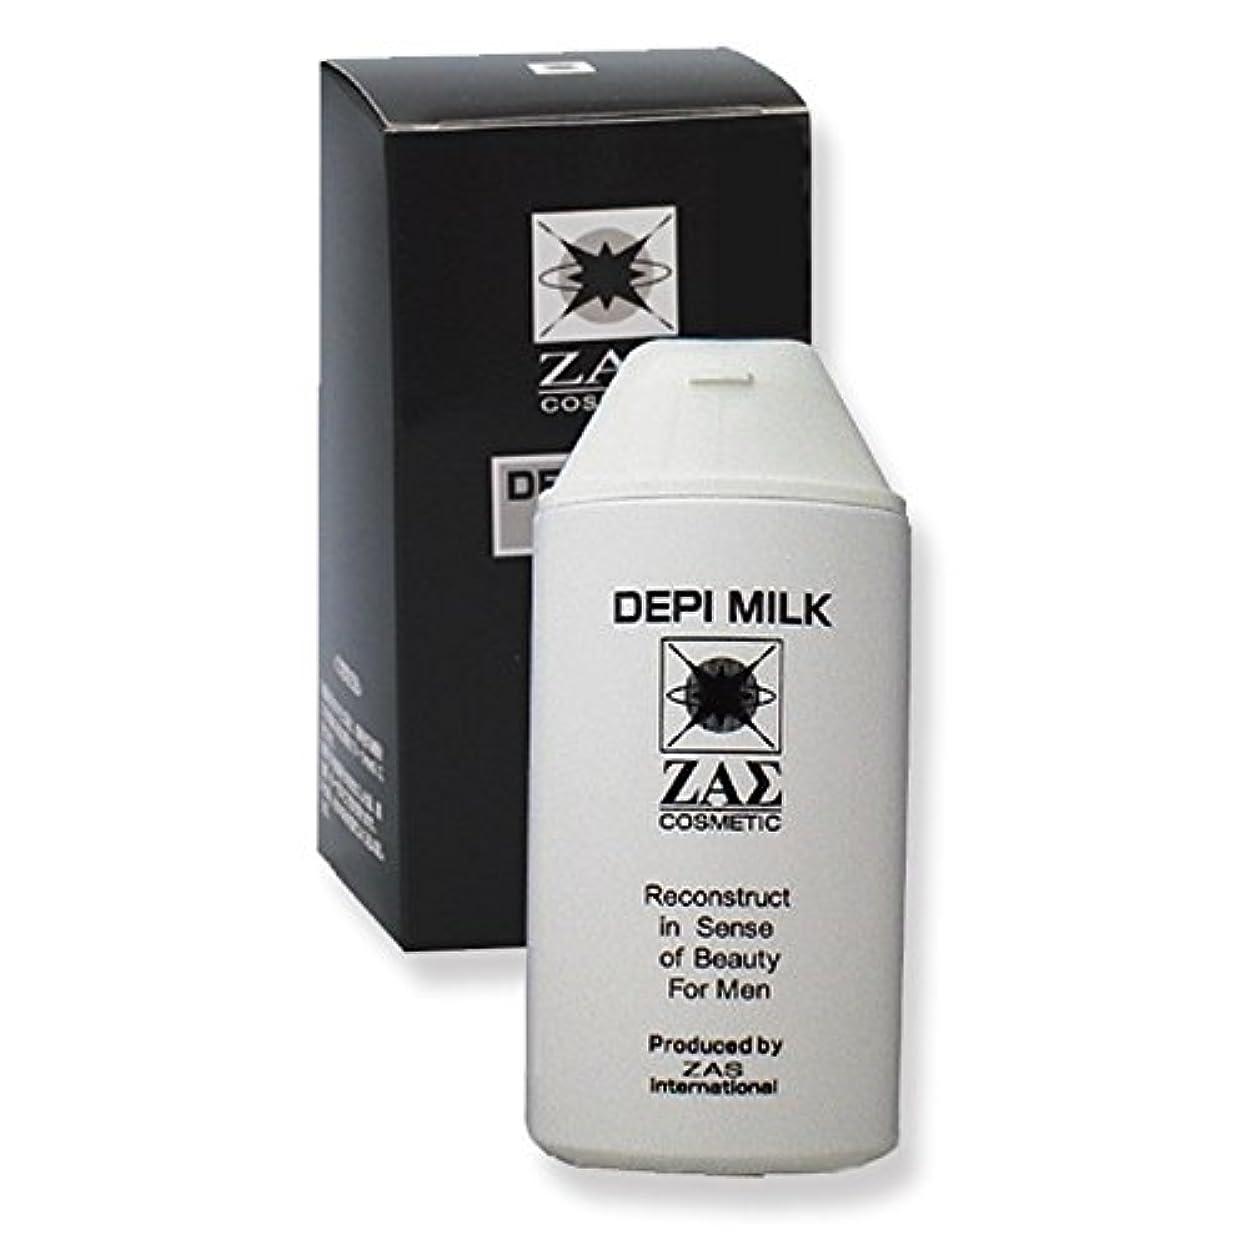 応答モジュールパラナ川剛毛対策用除毛剤 デピミルク